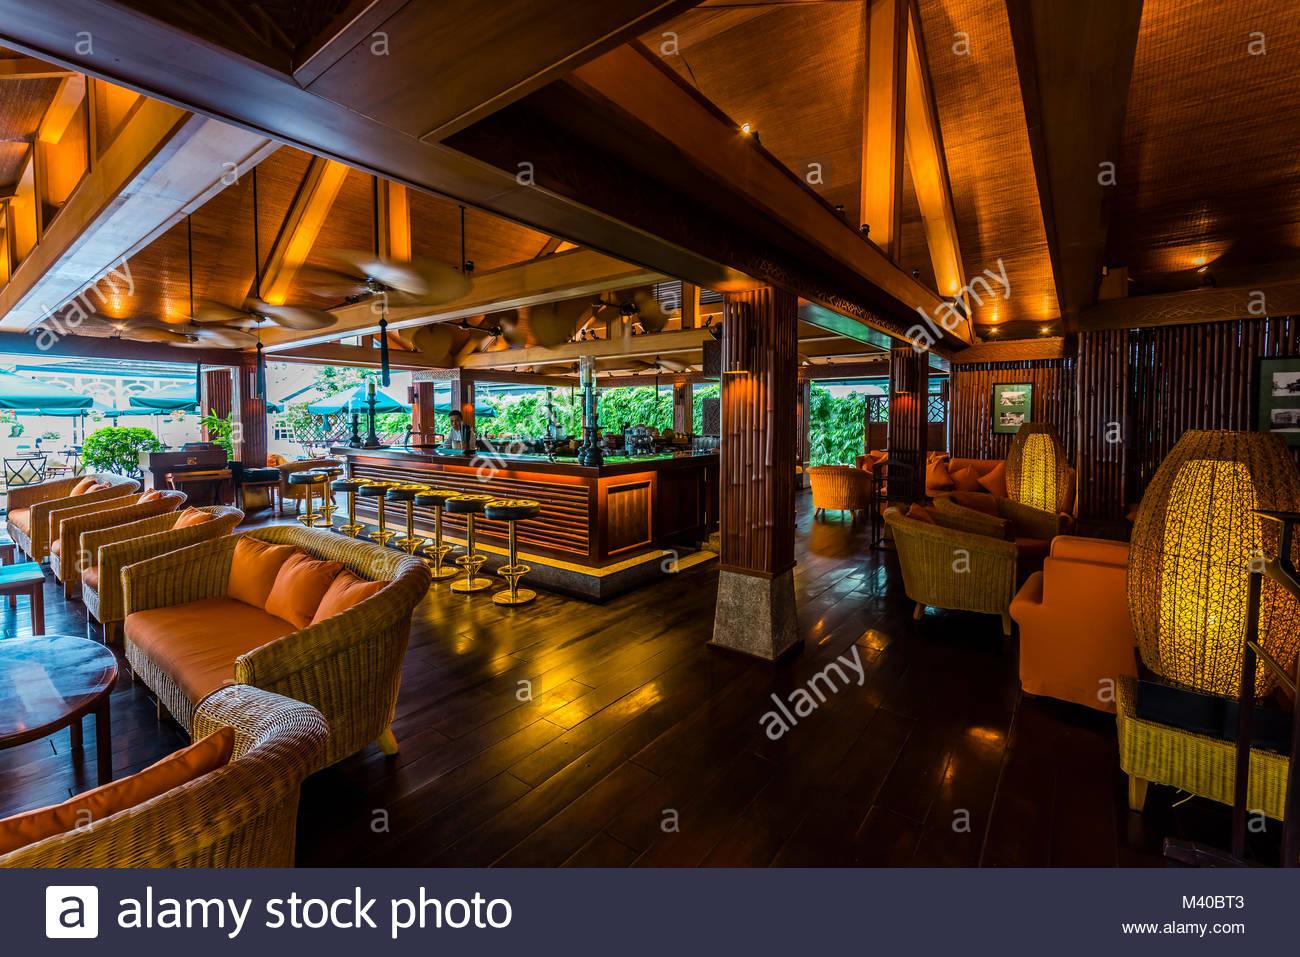 Die Bamboo Bar im Sofitel Legend Metropole Hanoi ist ein 5-Sterne-Hotel historische Luxushotel, das 1901 im französischen Stockbild